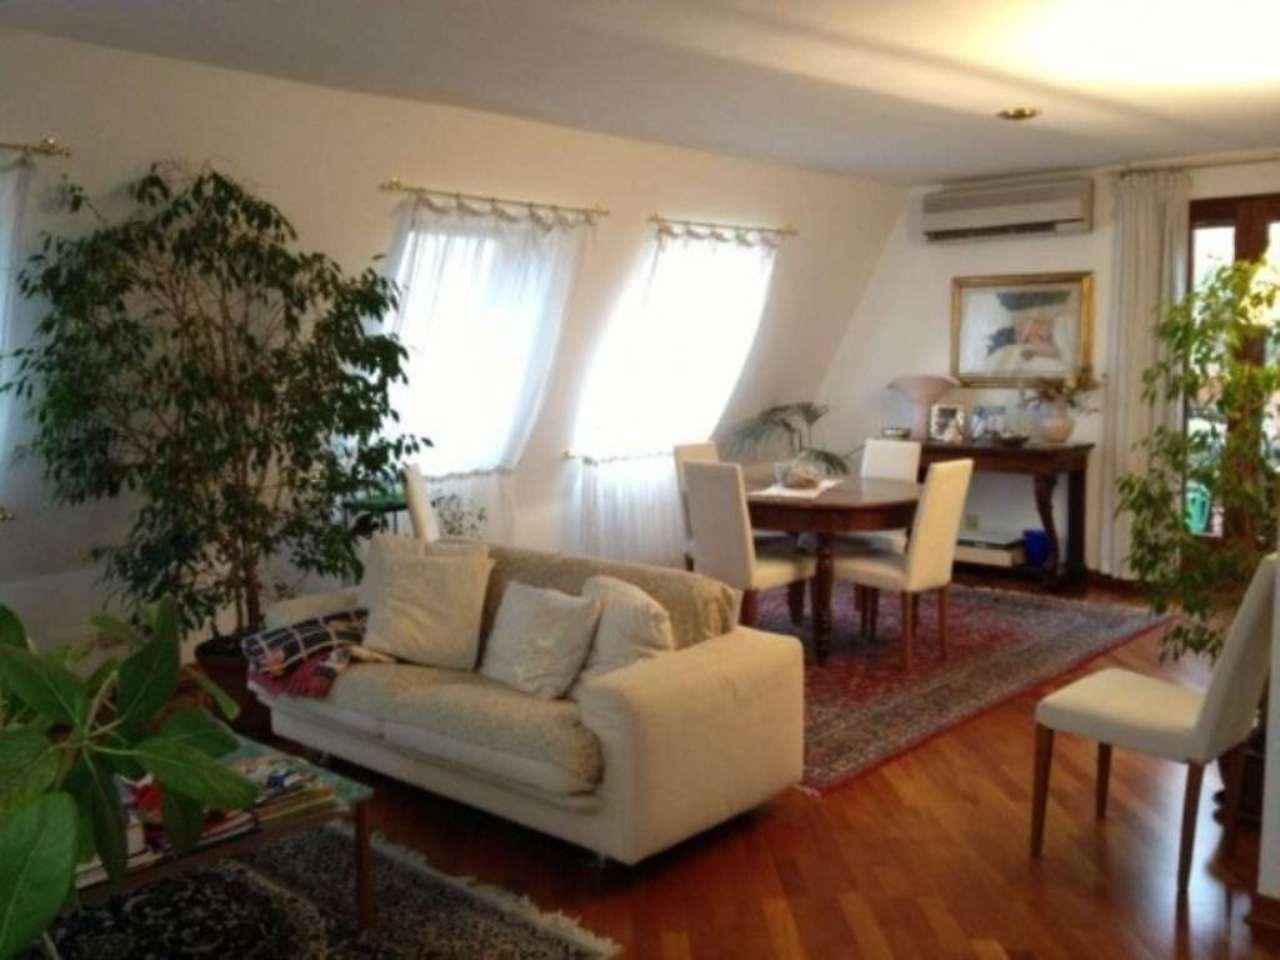 Attico / Mansarda in vendita a Venezia, 6 locali, zona Zona: 11 . Mestre, prezzo € 380.000   Cambio Casa.it